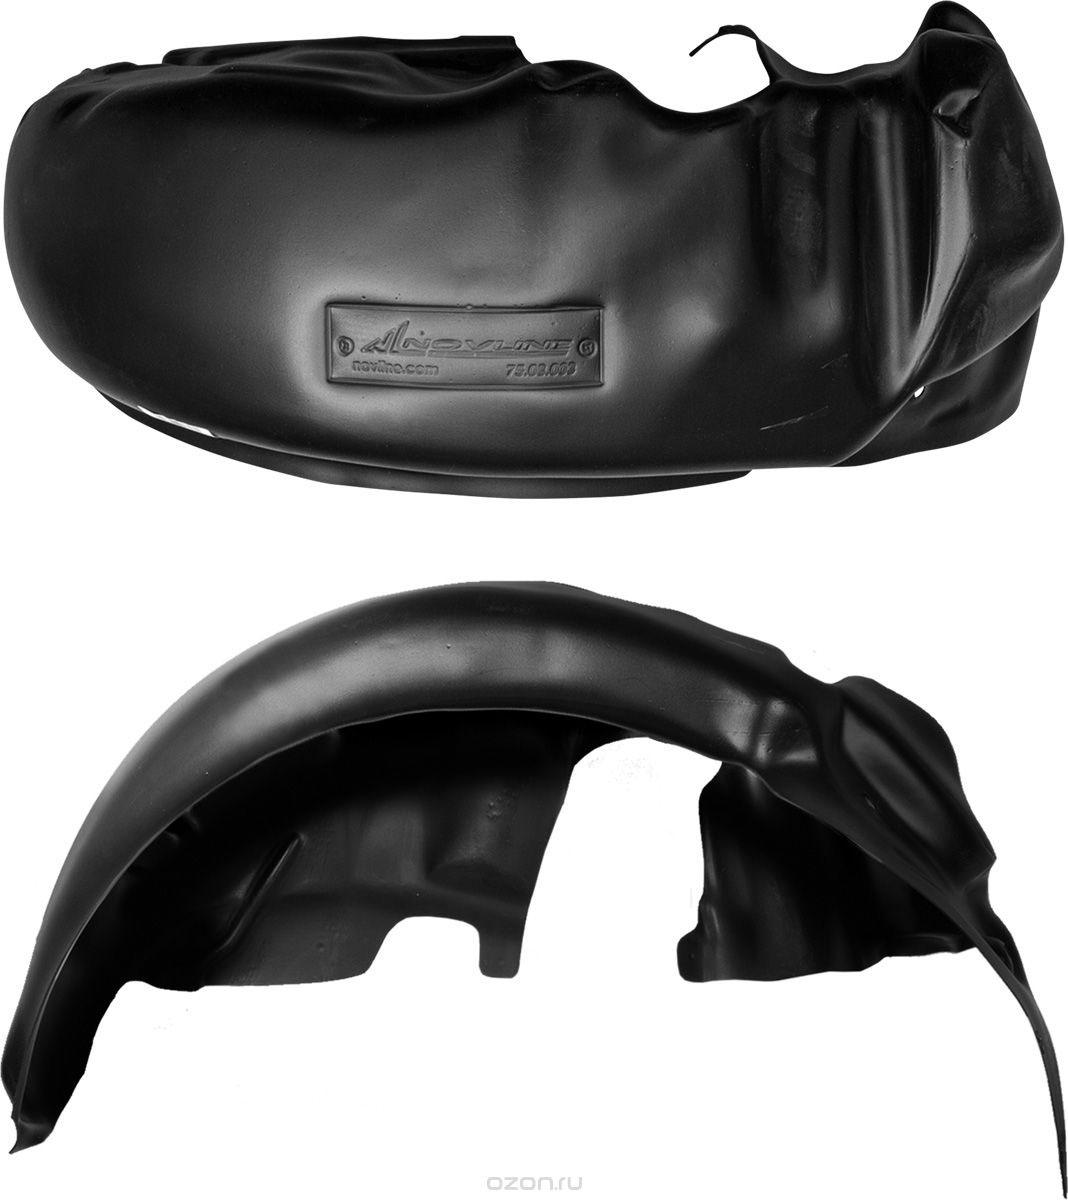 Подкрылок Novline-Autofamily, для Fiat Ducato, 08/2014->, с расширителями арок, передний левыйNLL.15.21.001Идеальная защита колесной ниши. Локеры разработаны с применением цифровых технологий, гарантируют максимальную повторяемость поверхности арки. Изделия устанавливаются без нарушения лакокрасочного покрытия автомобиля, каждый подкрылок комплектуется крепежом. Уважаемые клиенты, обращаем ваше внимание, что фотографии на подкрылки универсальные и не отражают реальную форму изделия. При этом само изделие идет точно под размер указанного автомобиля.